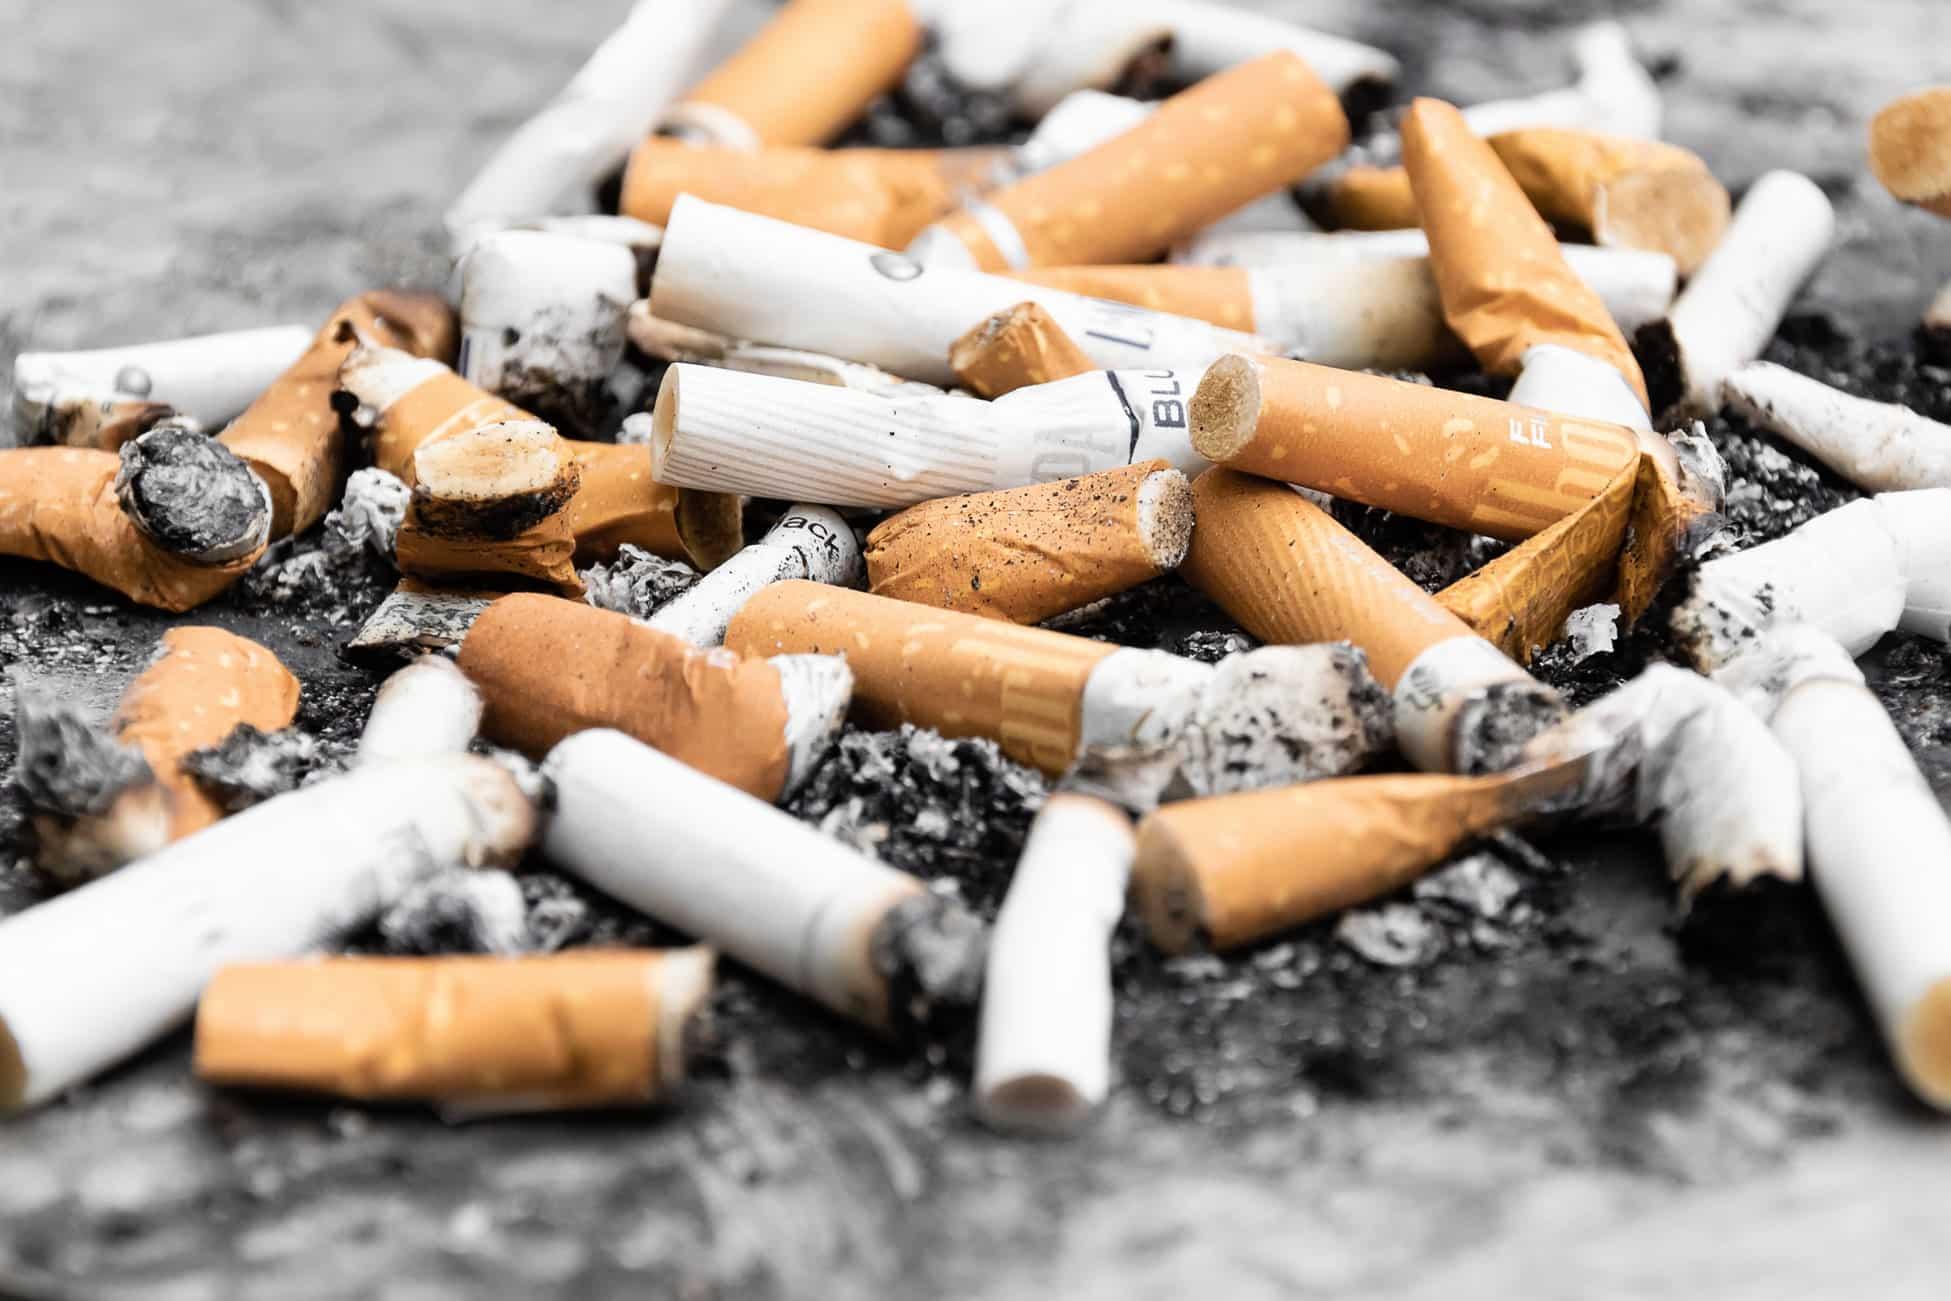 REP mégots : les nouvelles obligations pour les fabricants de cigarettes